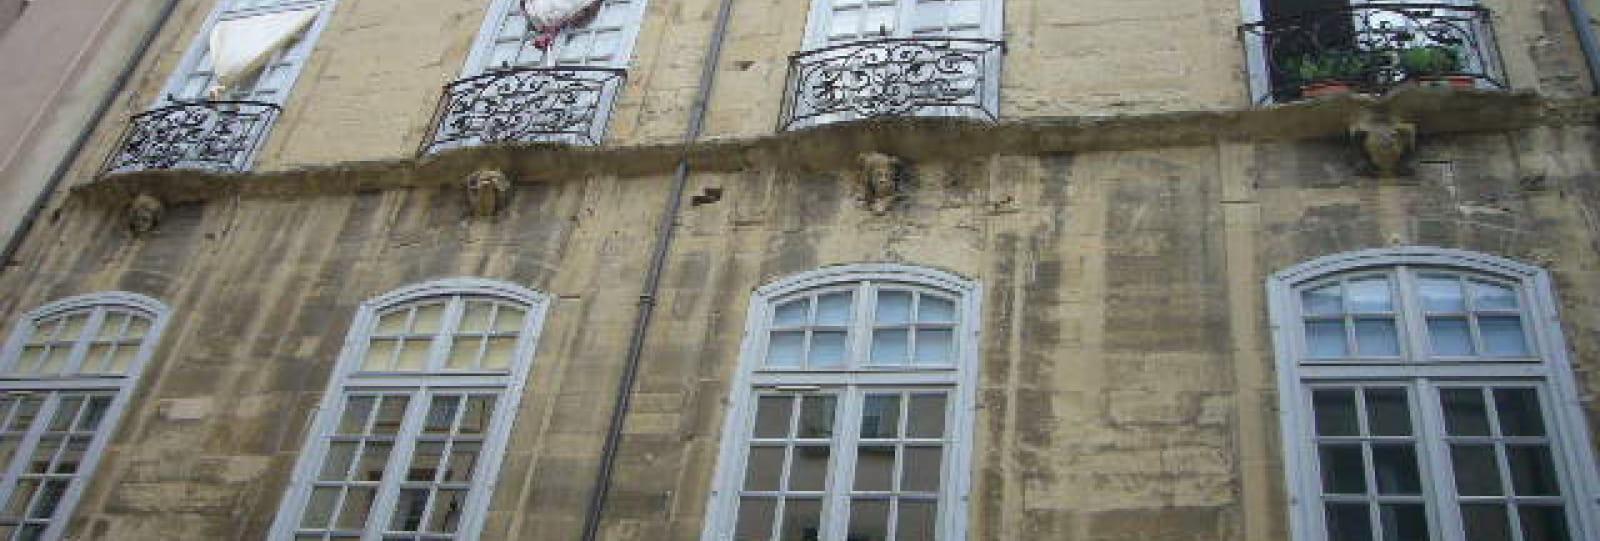 Maison de la Tour du Pin Montauban